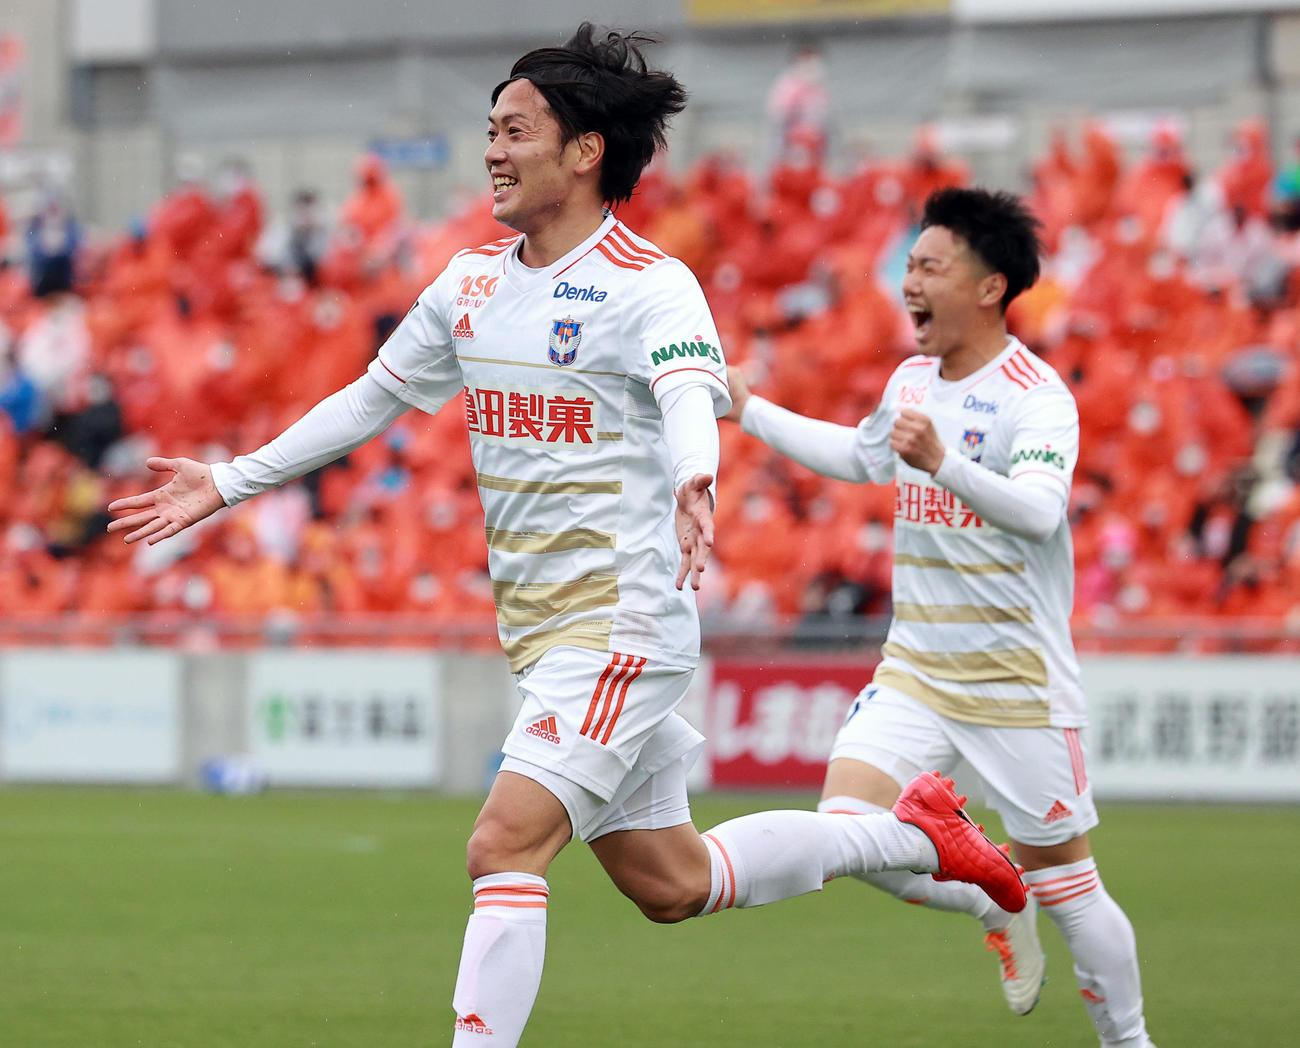 大宮対新潟 後半、勝ち越しゴールを決め、笑顔でベンチに向かって走る新潟星(手前)(撮影・浅見桂子)